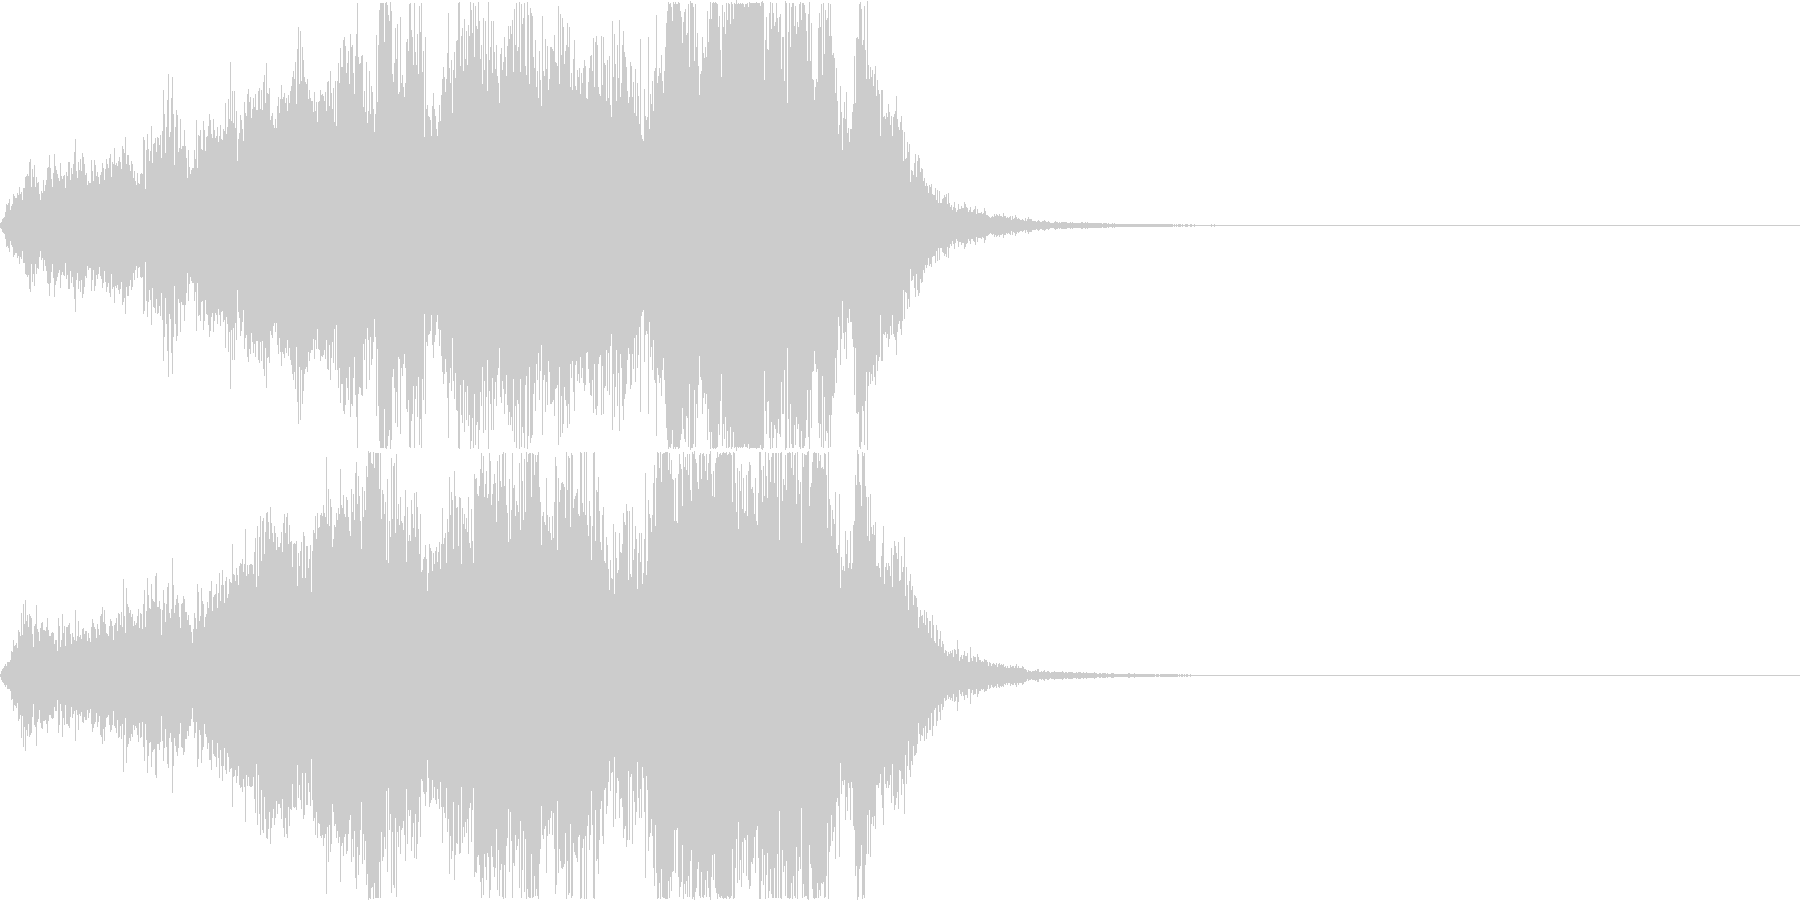 オーケストラによるファンファーレの未再生の波形